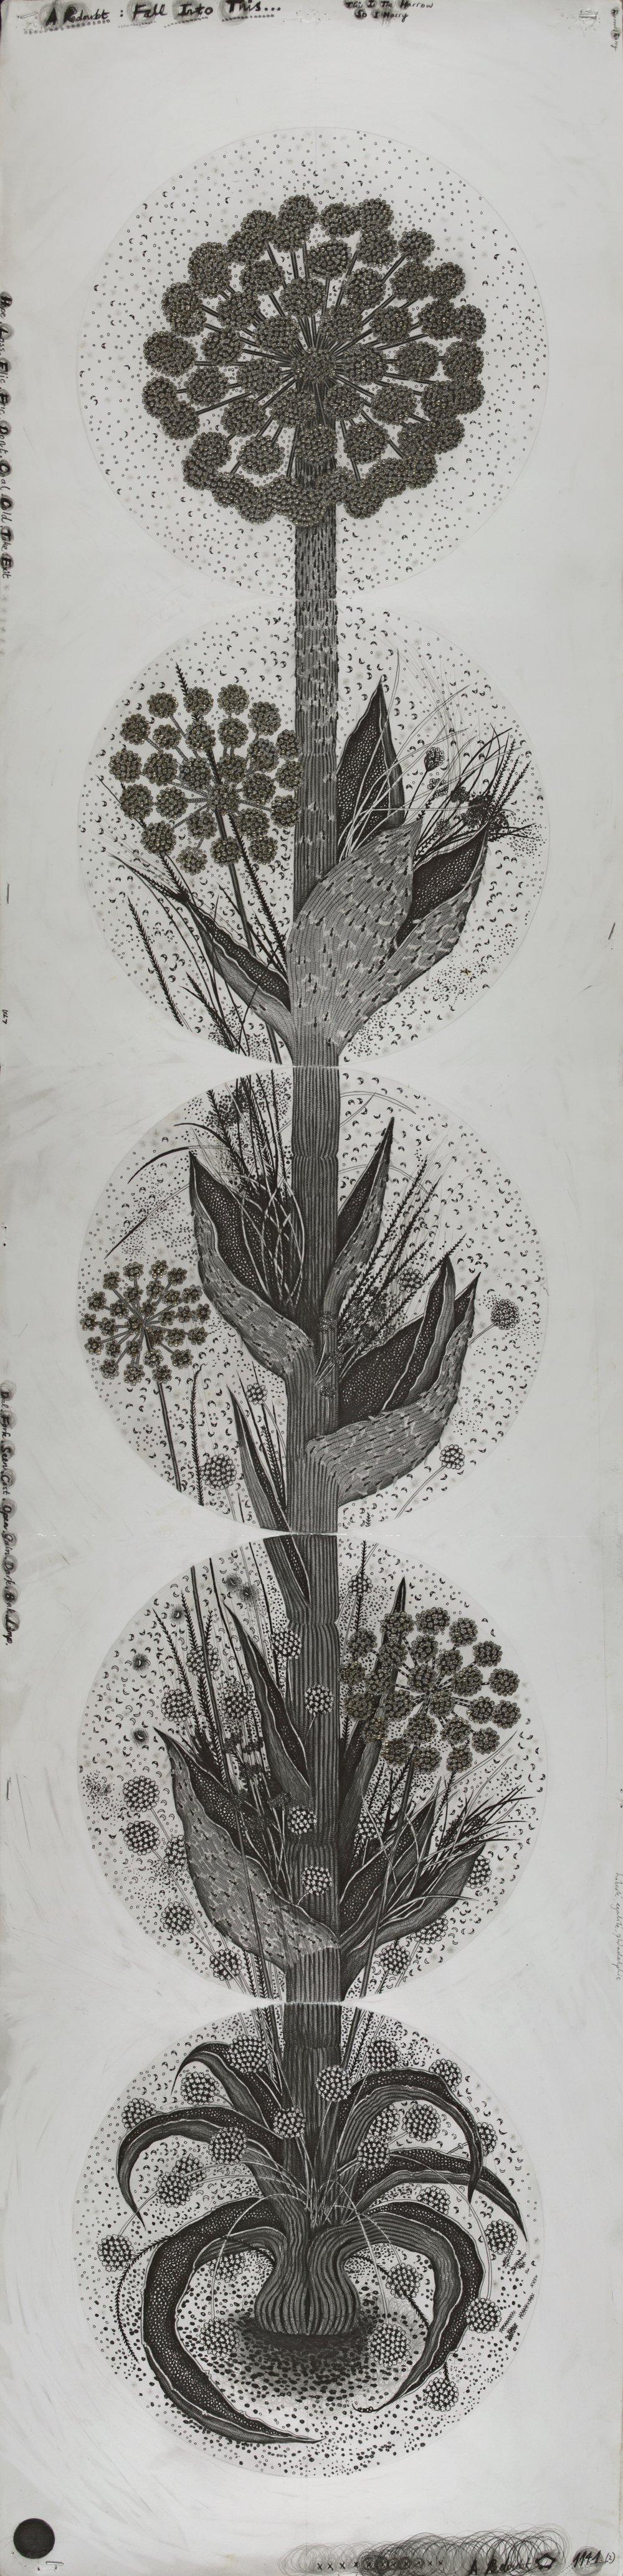 """© Hipkiss, """"1141- Instar 2"""", 165x40 cm, mine de plomb, encre argentée et feuille d'or blanc sur papier Fabriano 4, 2018, Courtesy Galerie C"""